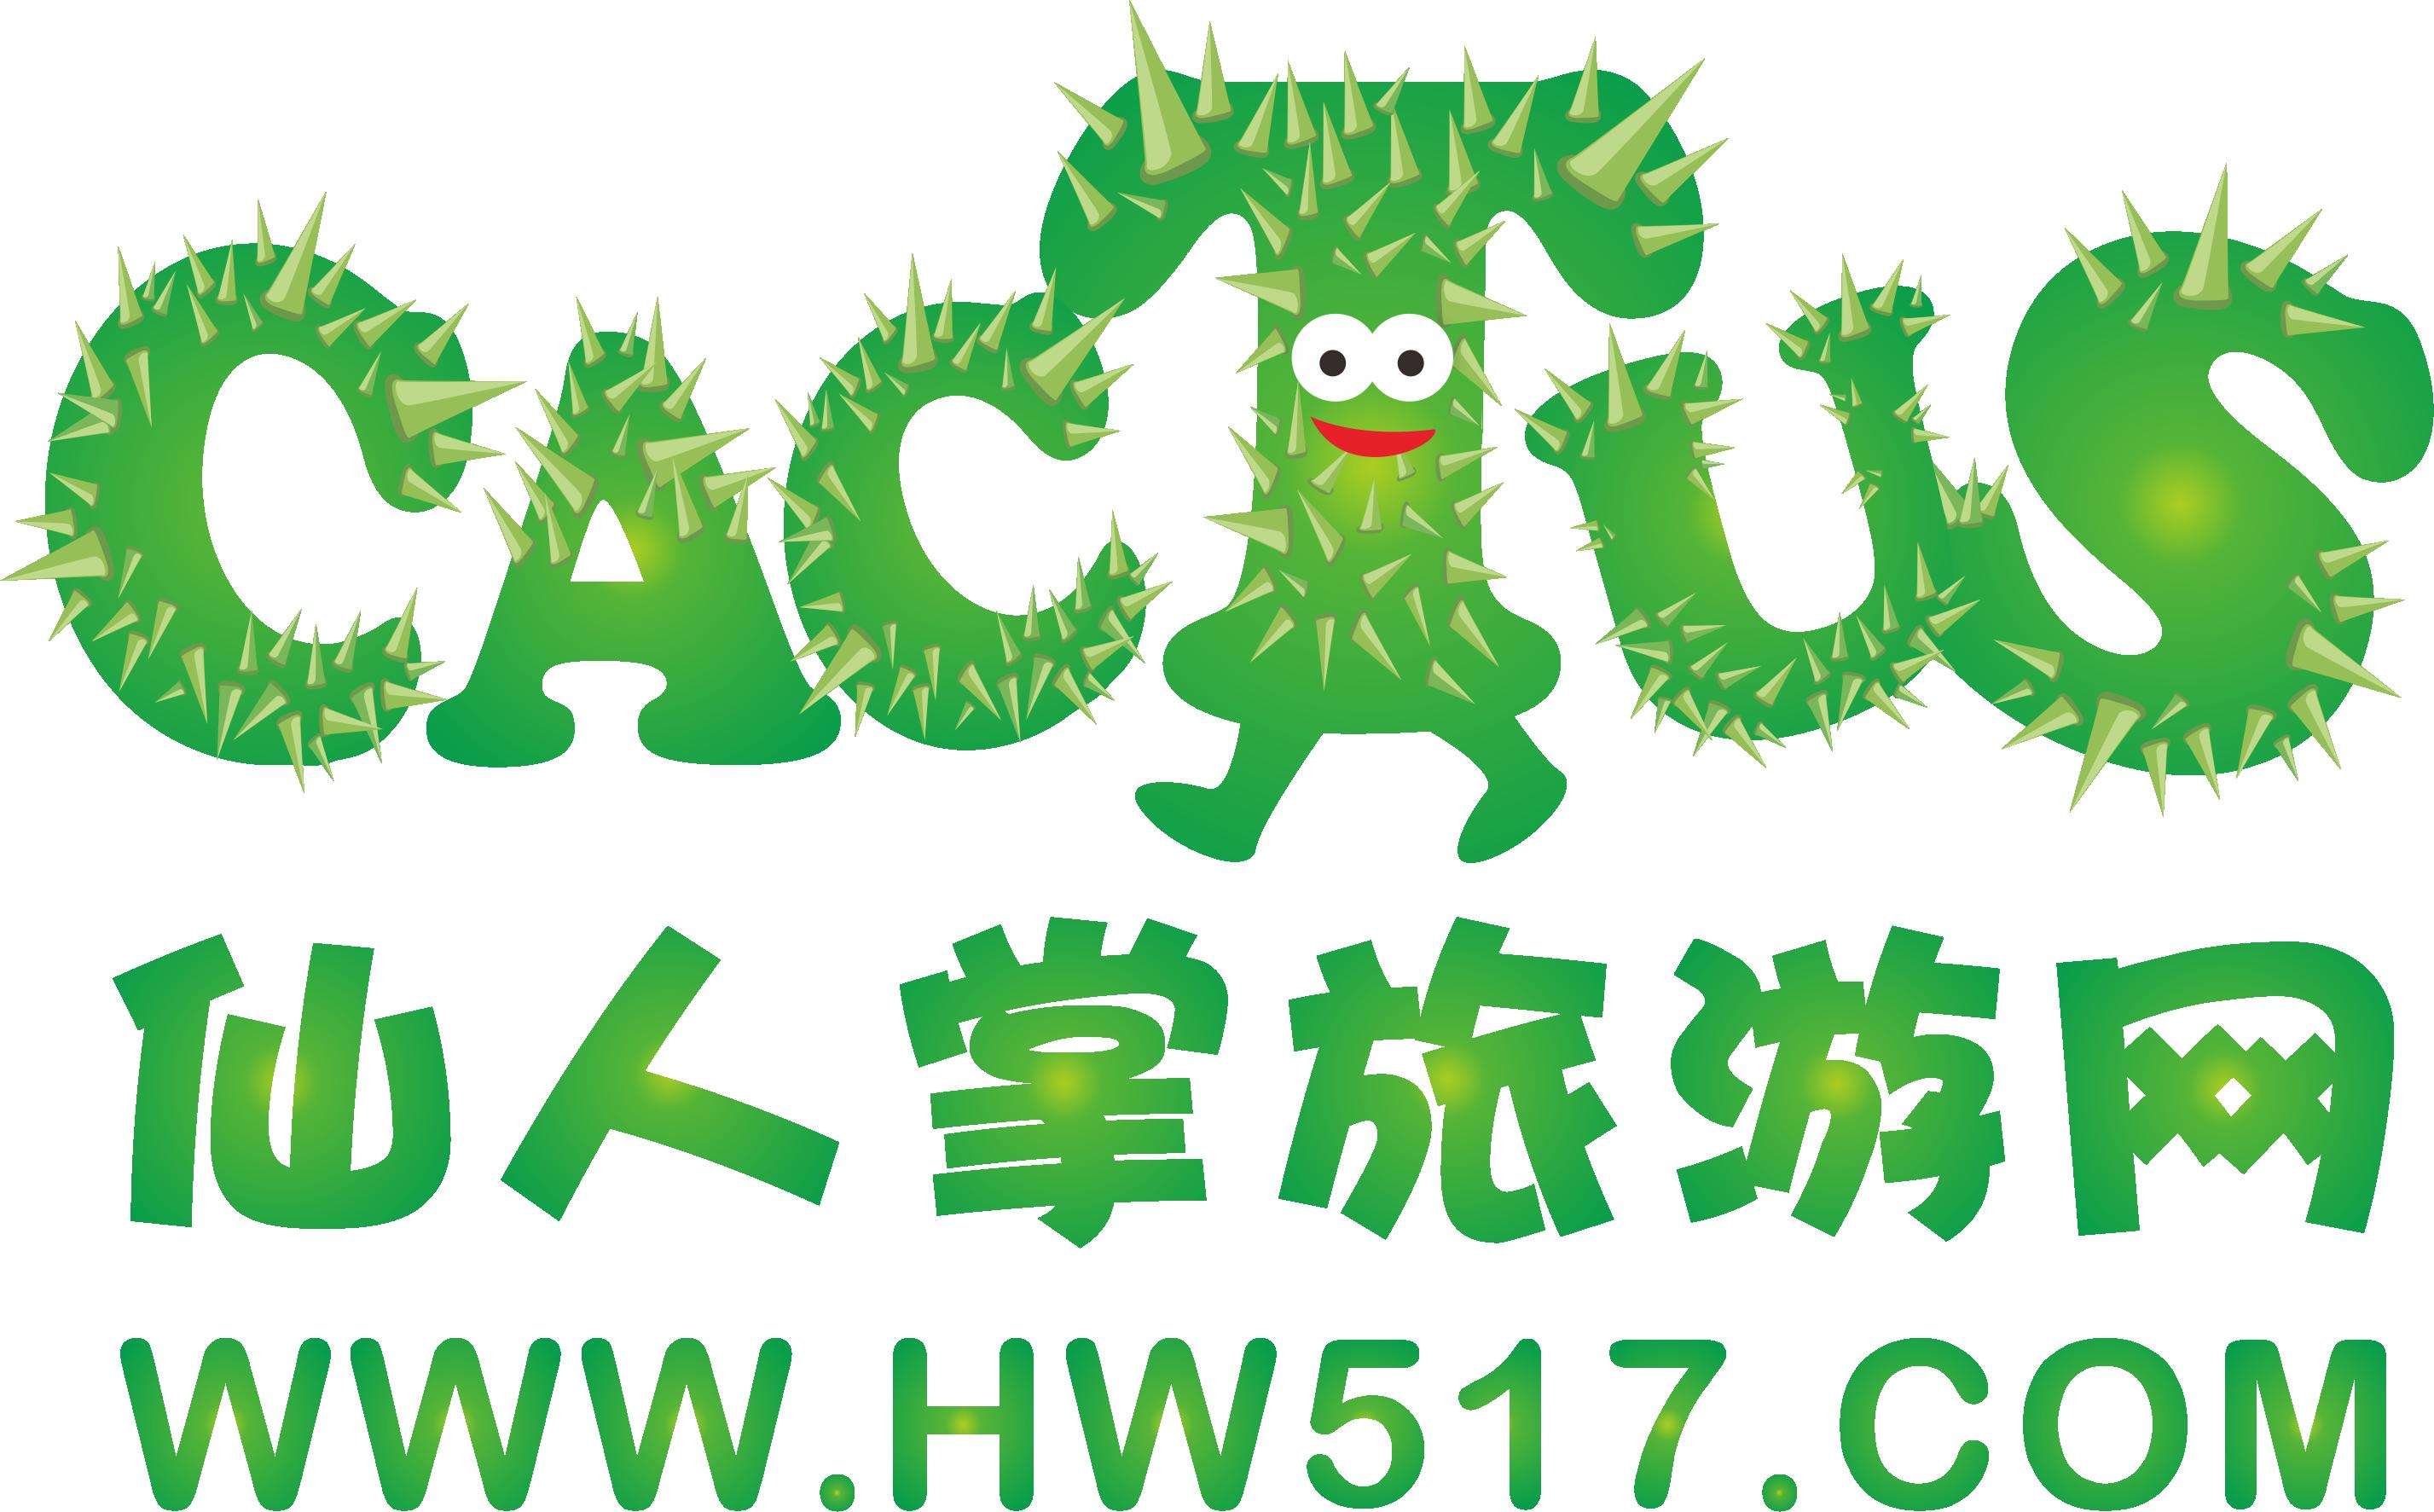 【新春·三亚定制】海南、蜈支洲岛双飞五日游(6人起小包团)